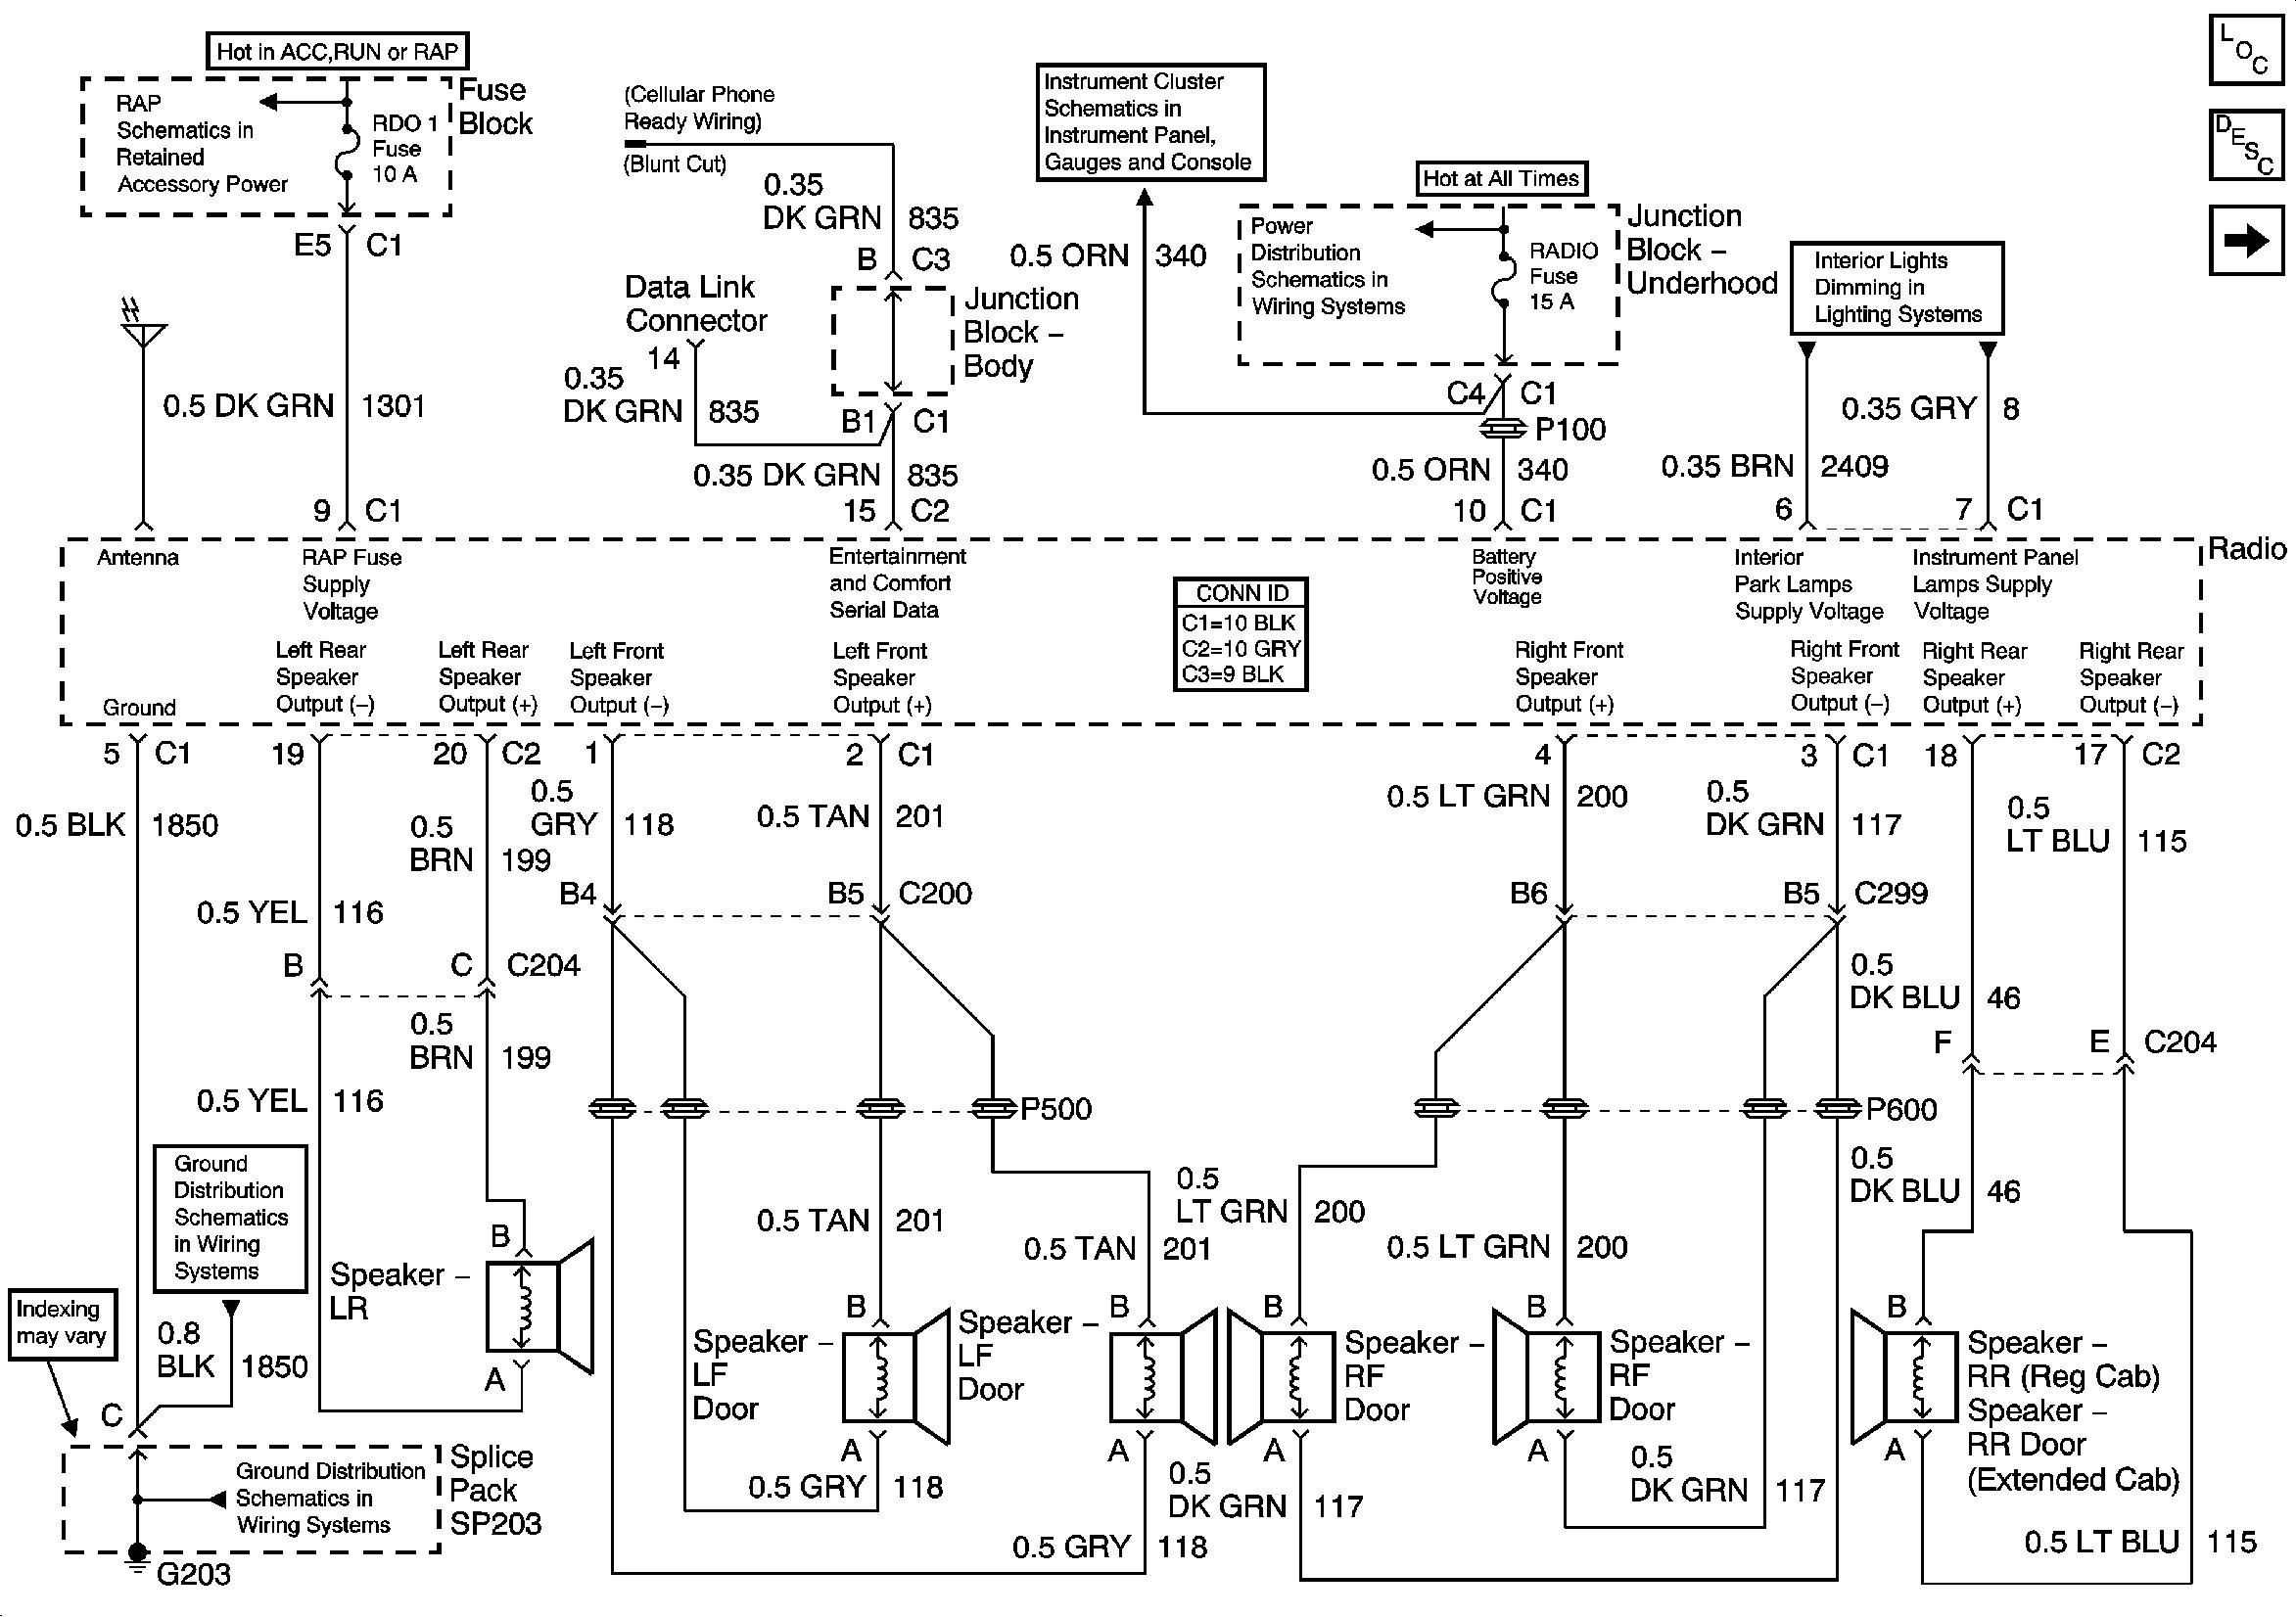 Chevy Truck Parts Diagram 2006 Chevy Silverado Wiring Diagram Of Chevy Truck Parts Diagram